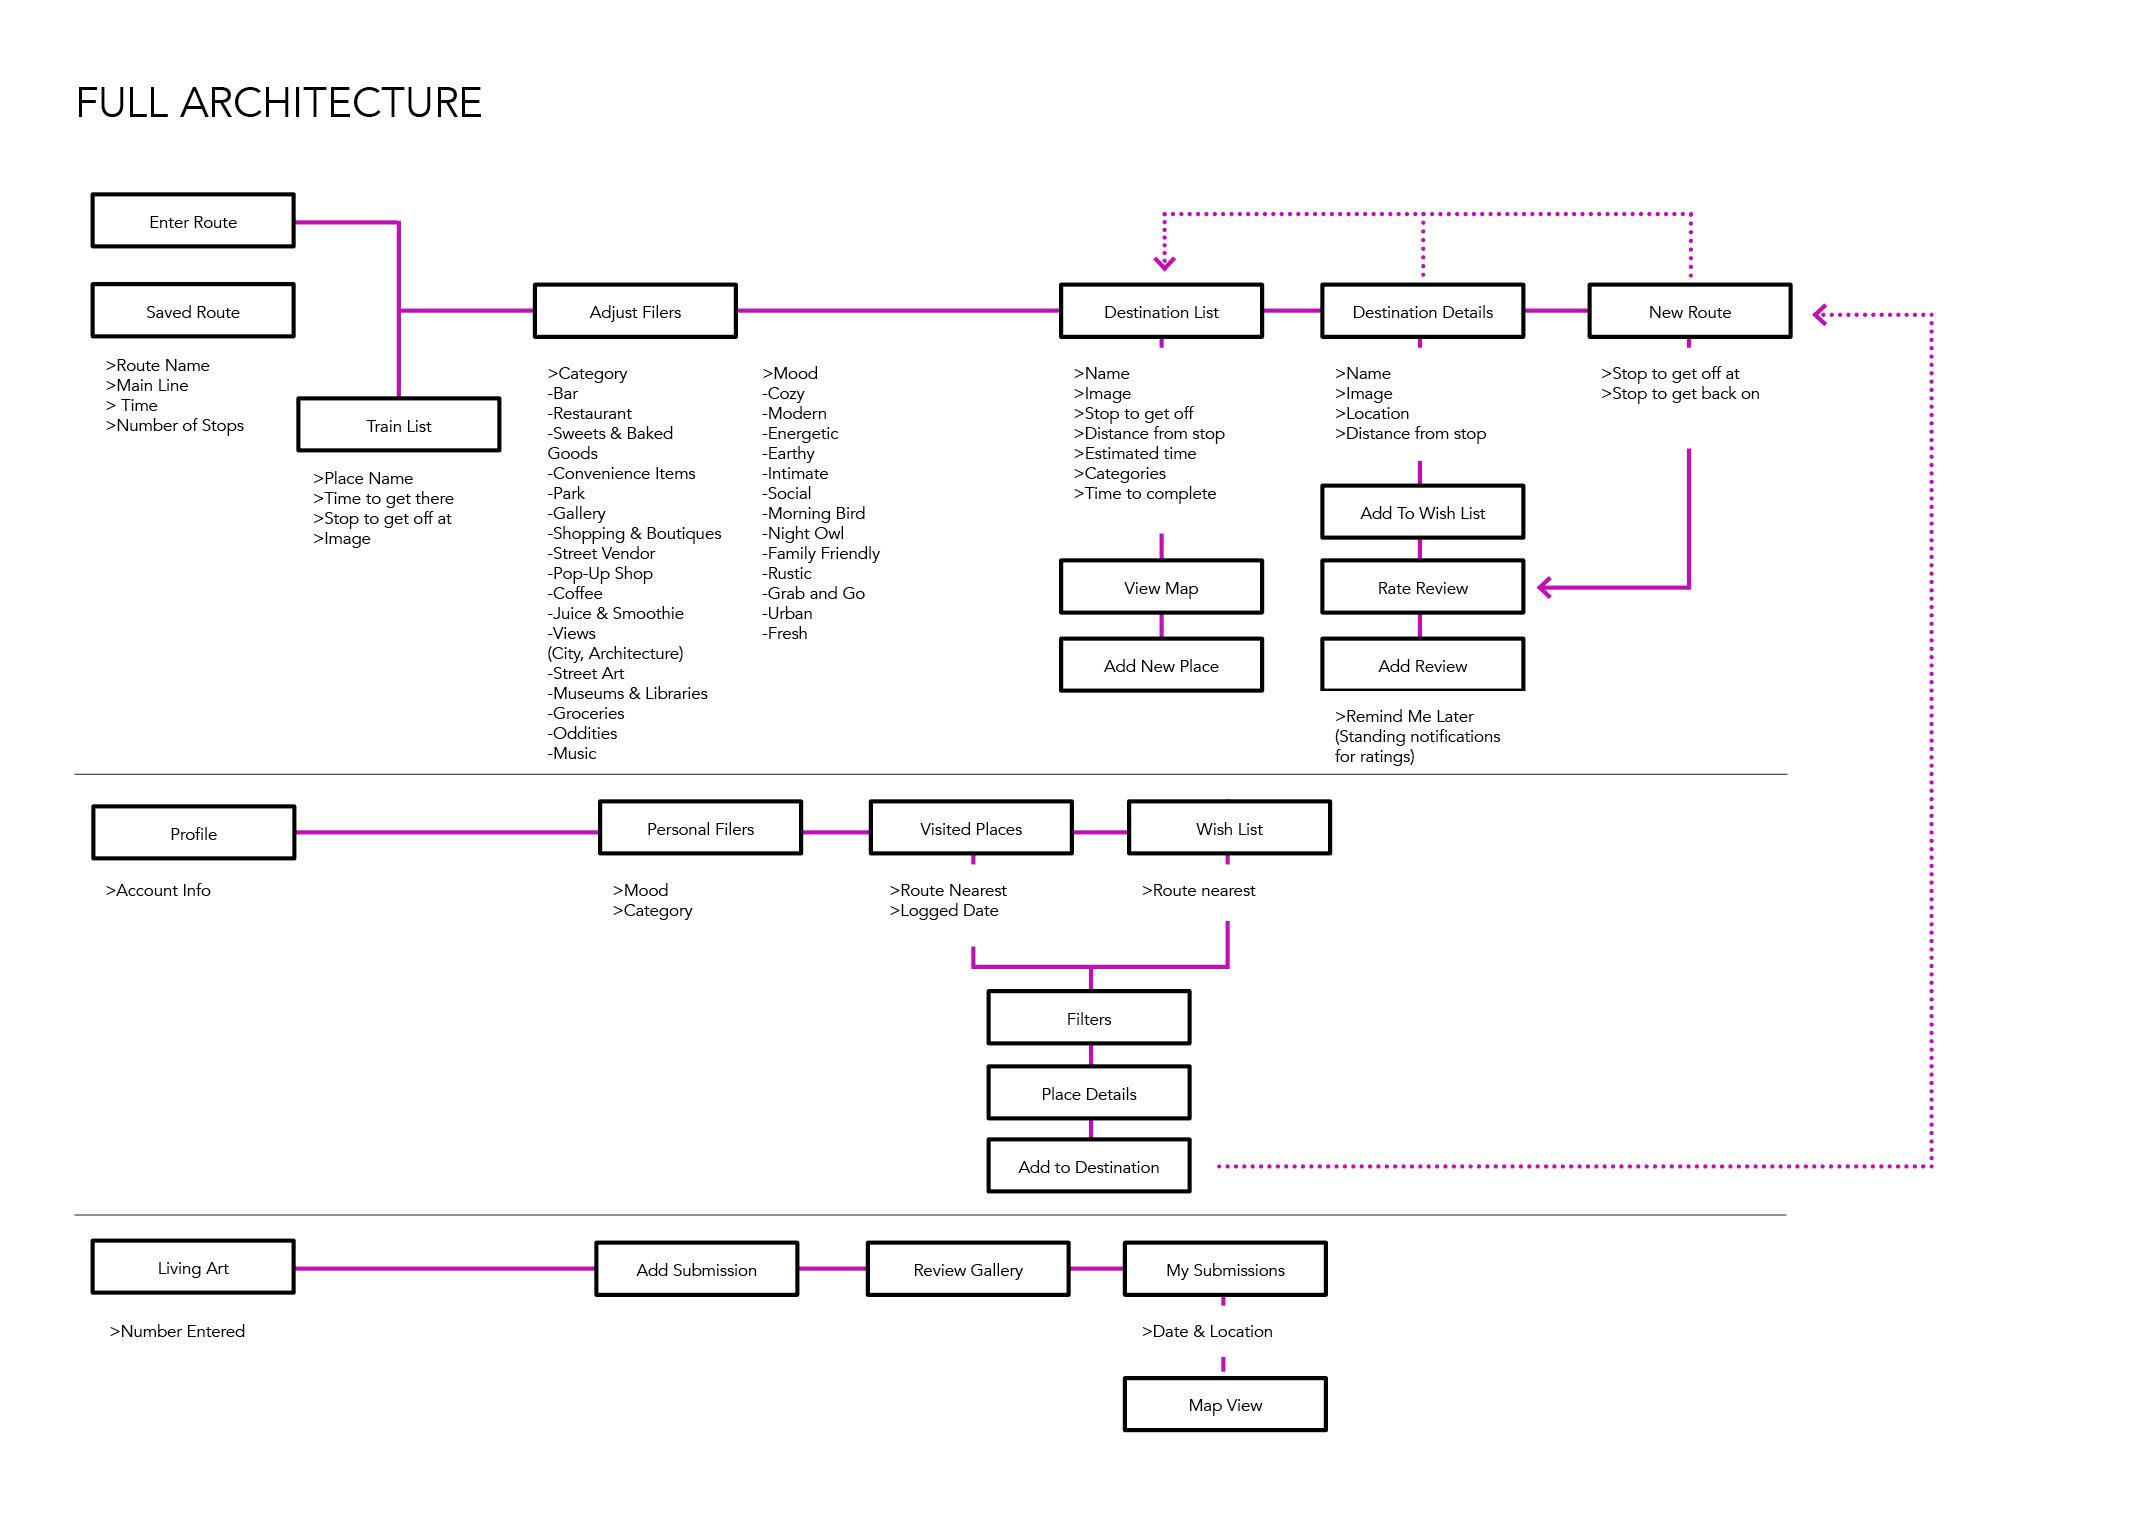 SubLocal_Full Architecture.jpg